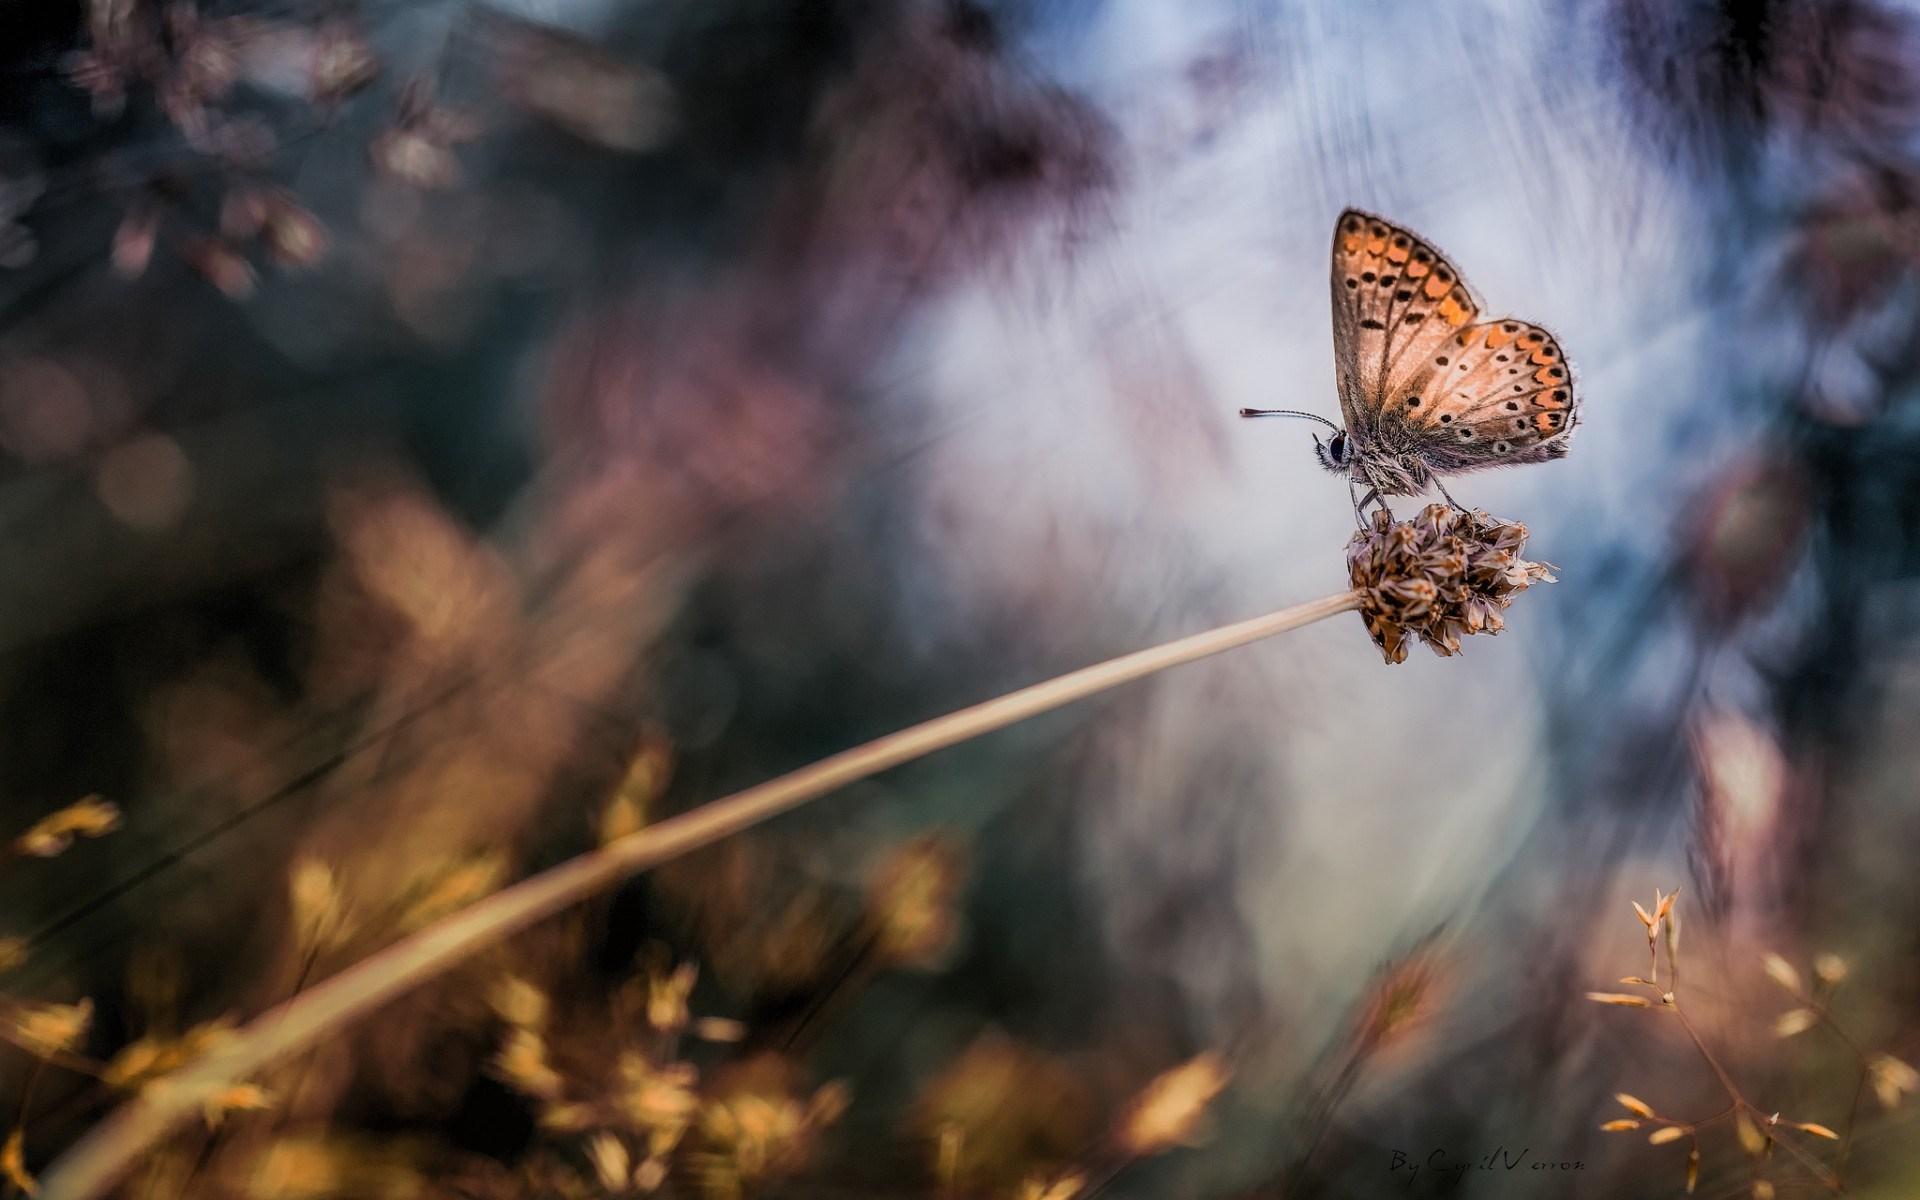 Plant Butterfly Macro Bokeh